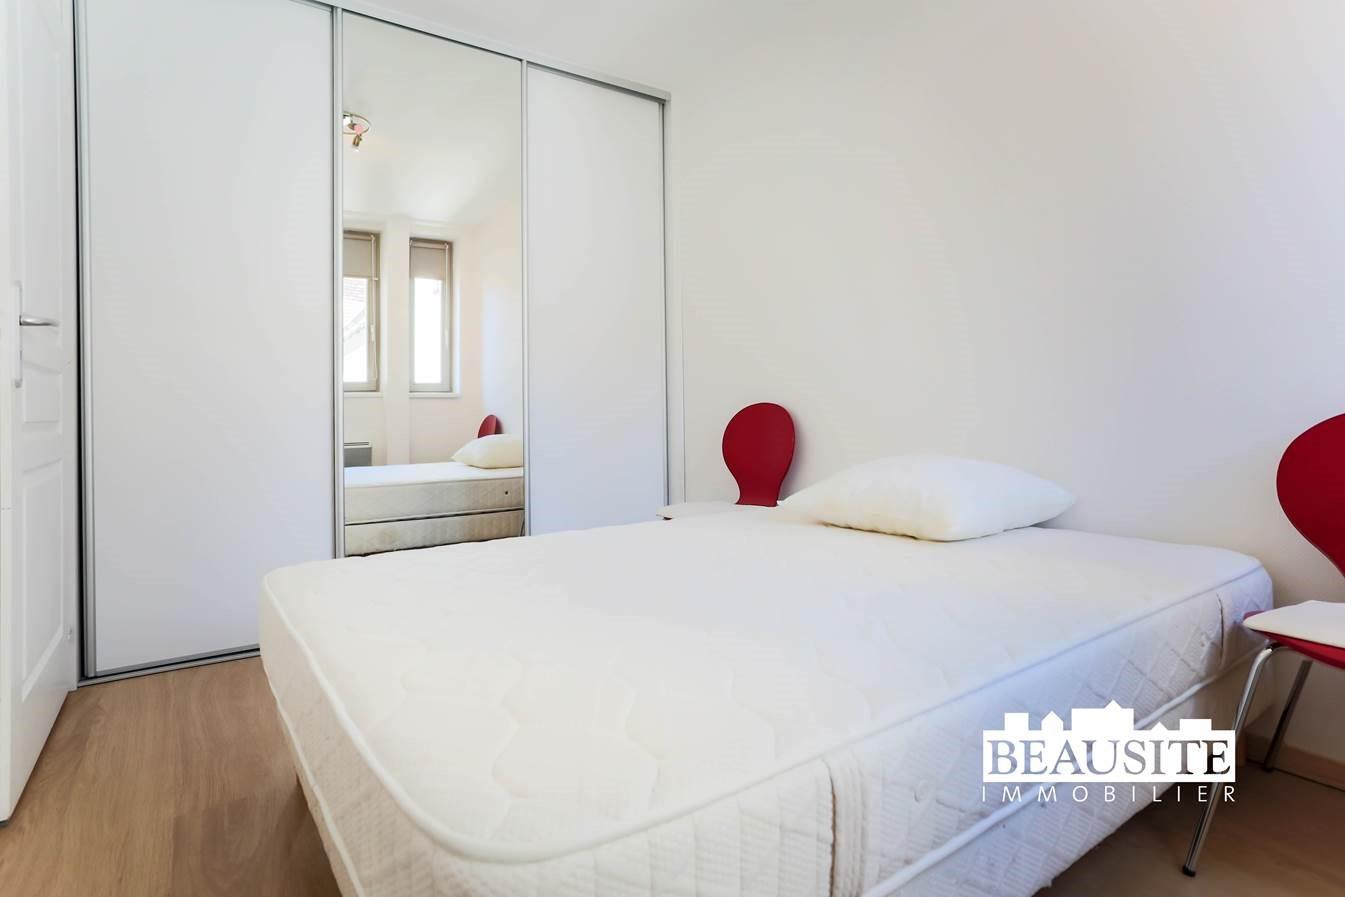 [Batelier] Magnifique 2 pièces meublé - Krutenau / Quai des Bateliers - nos locations - Beausite Immobilier 4